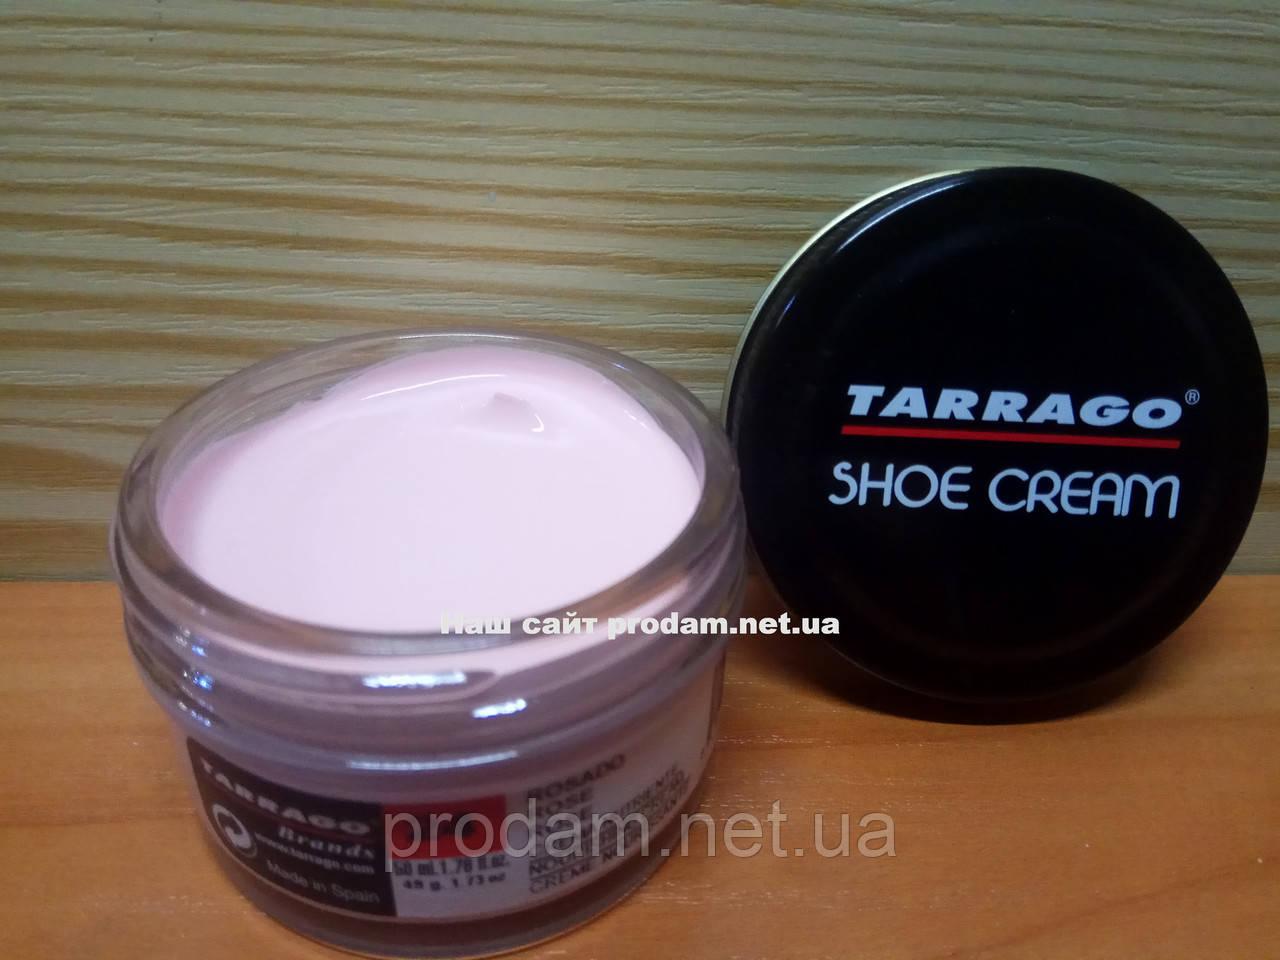 Крем для обуви Tarrago 50 мл цвет розовый